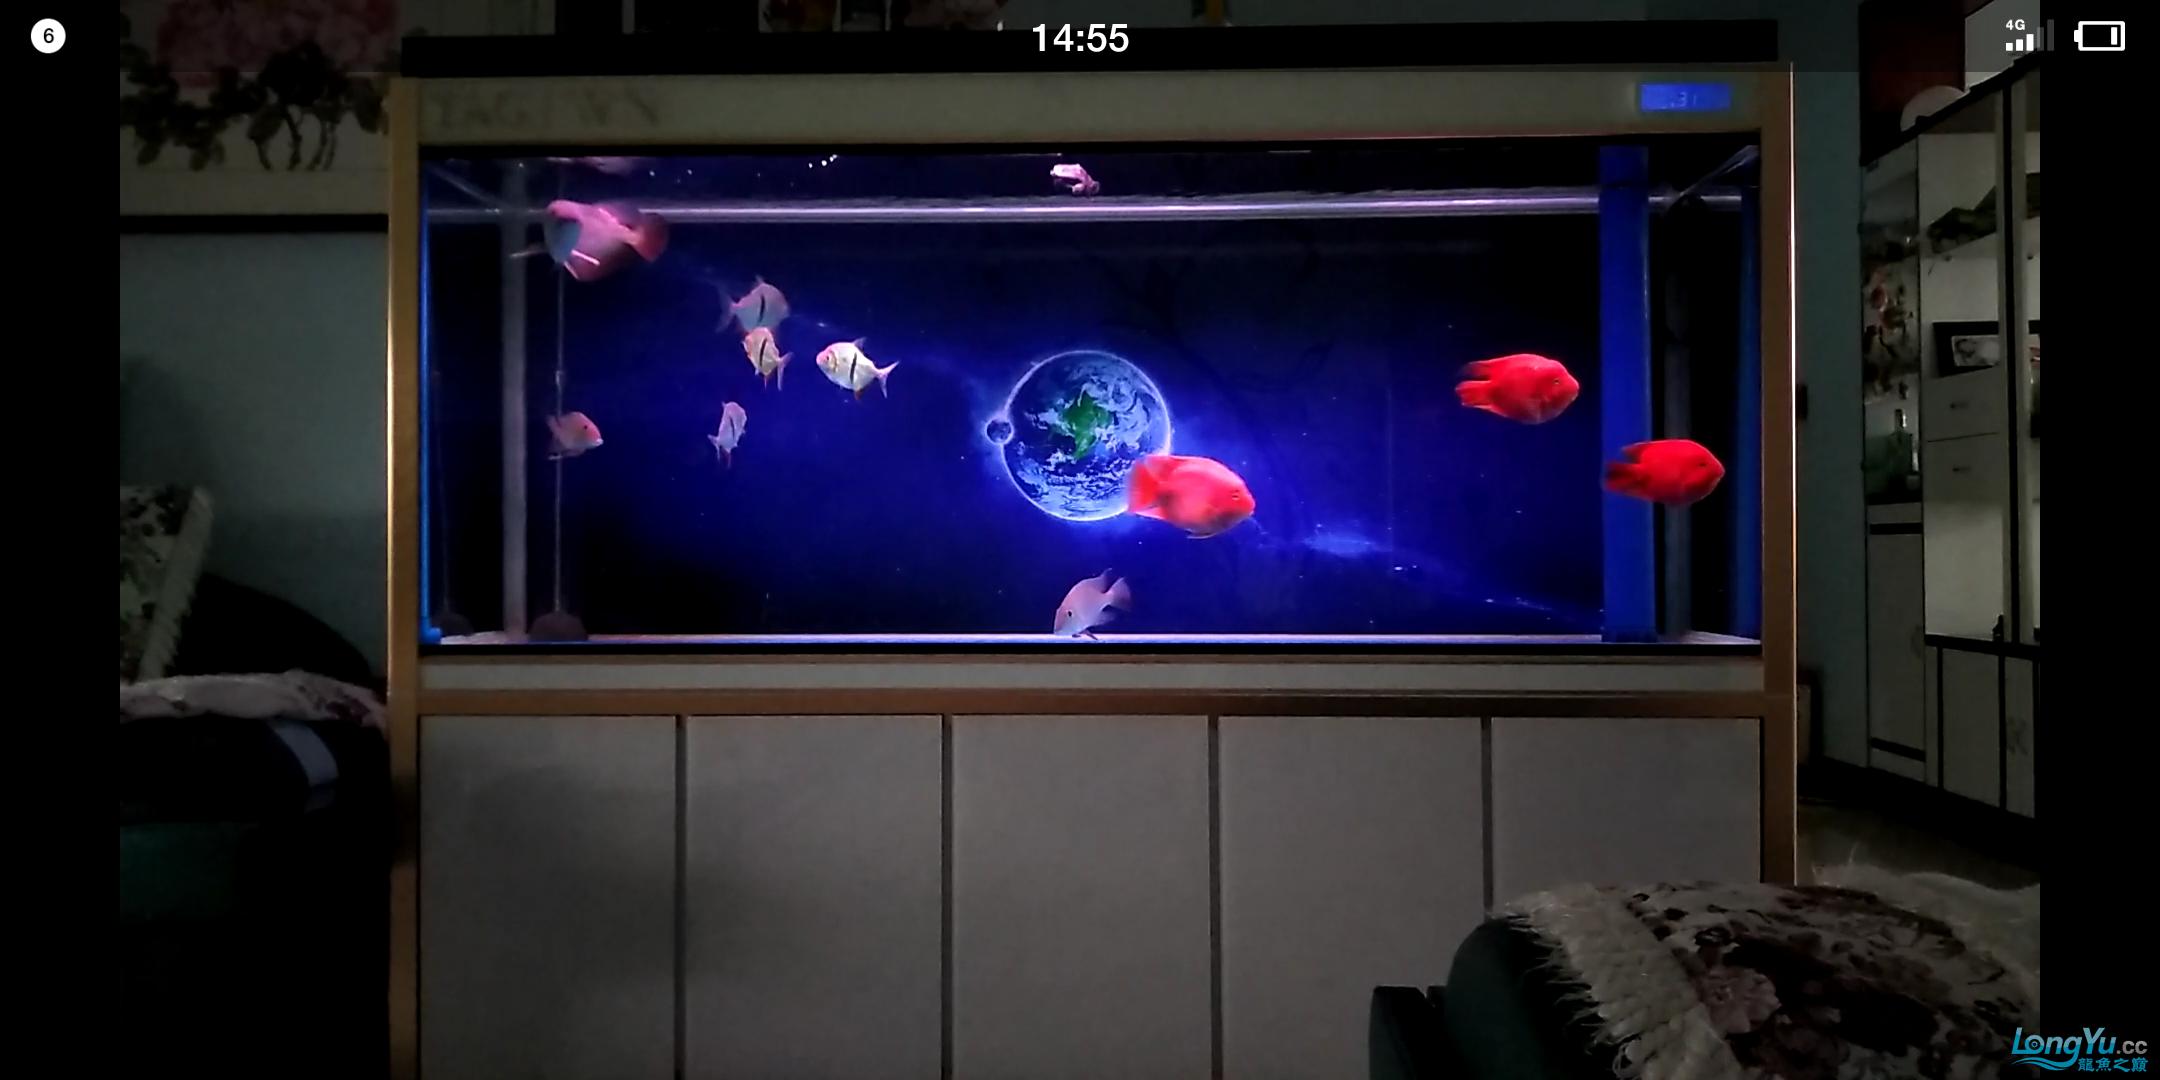 陋缸陋鱼龙鱼 北京观赏鱼 北京龙鱼第5张